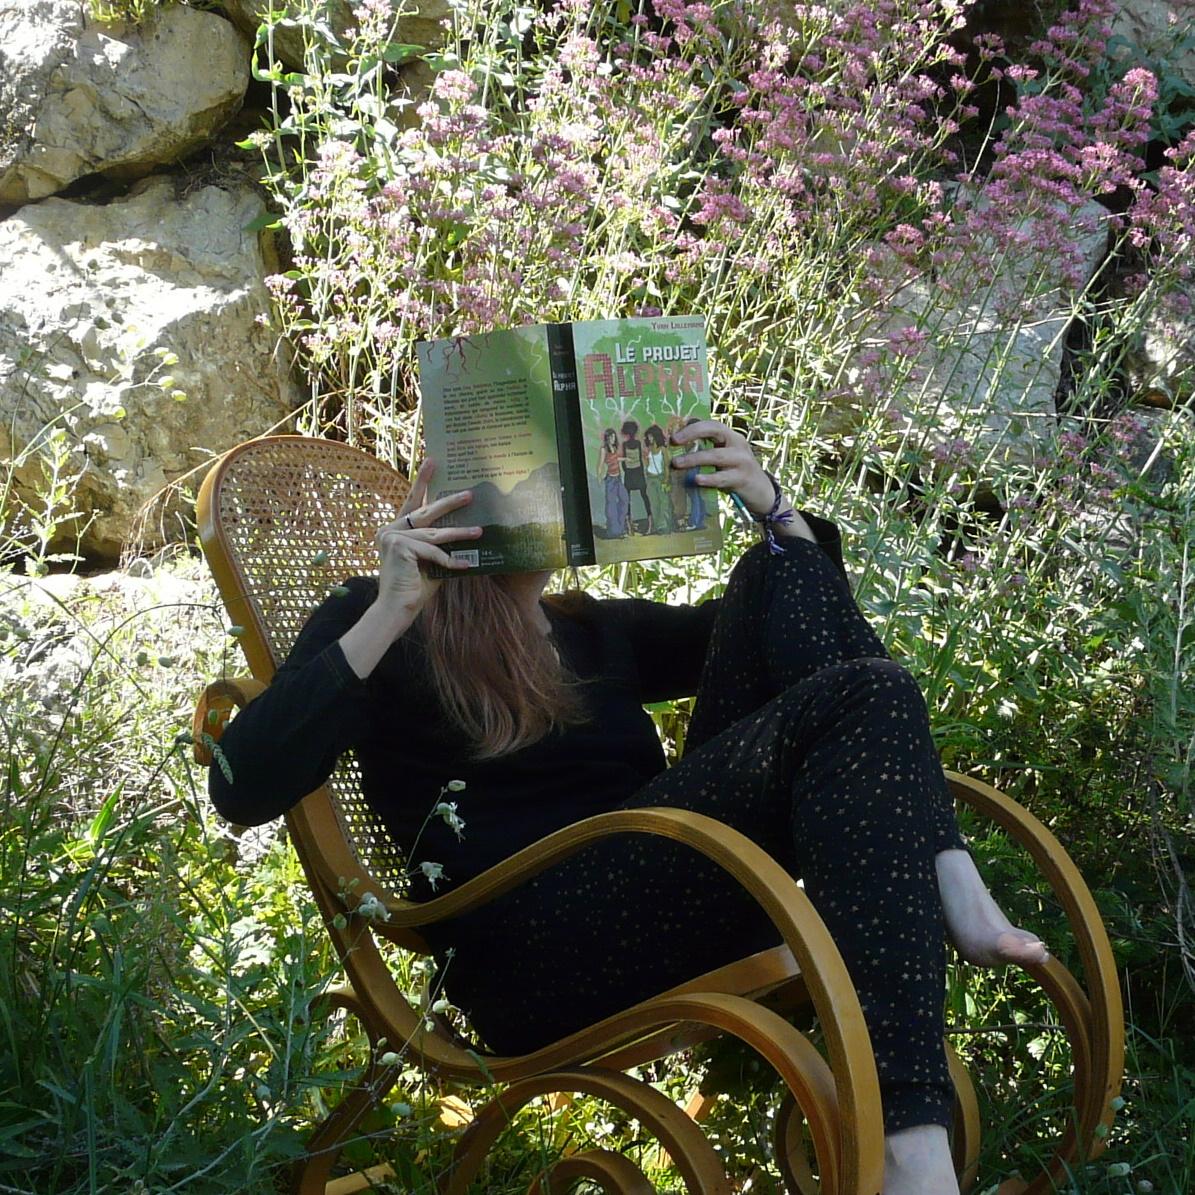 personne en pyjama étoilé lisant Le Projet Alpha dans une chaise à bascule